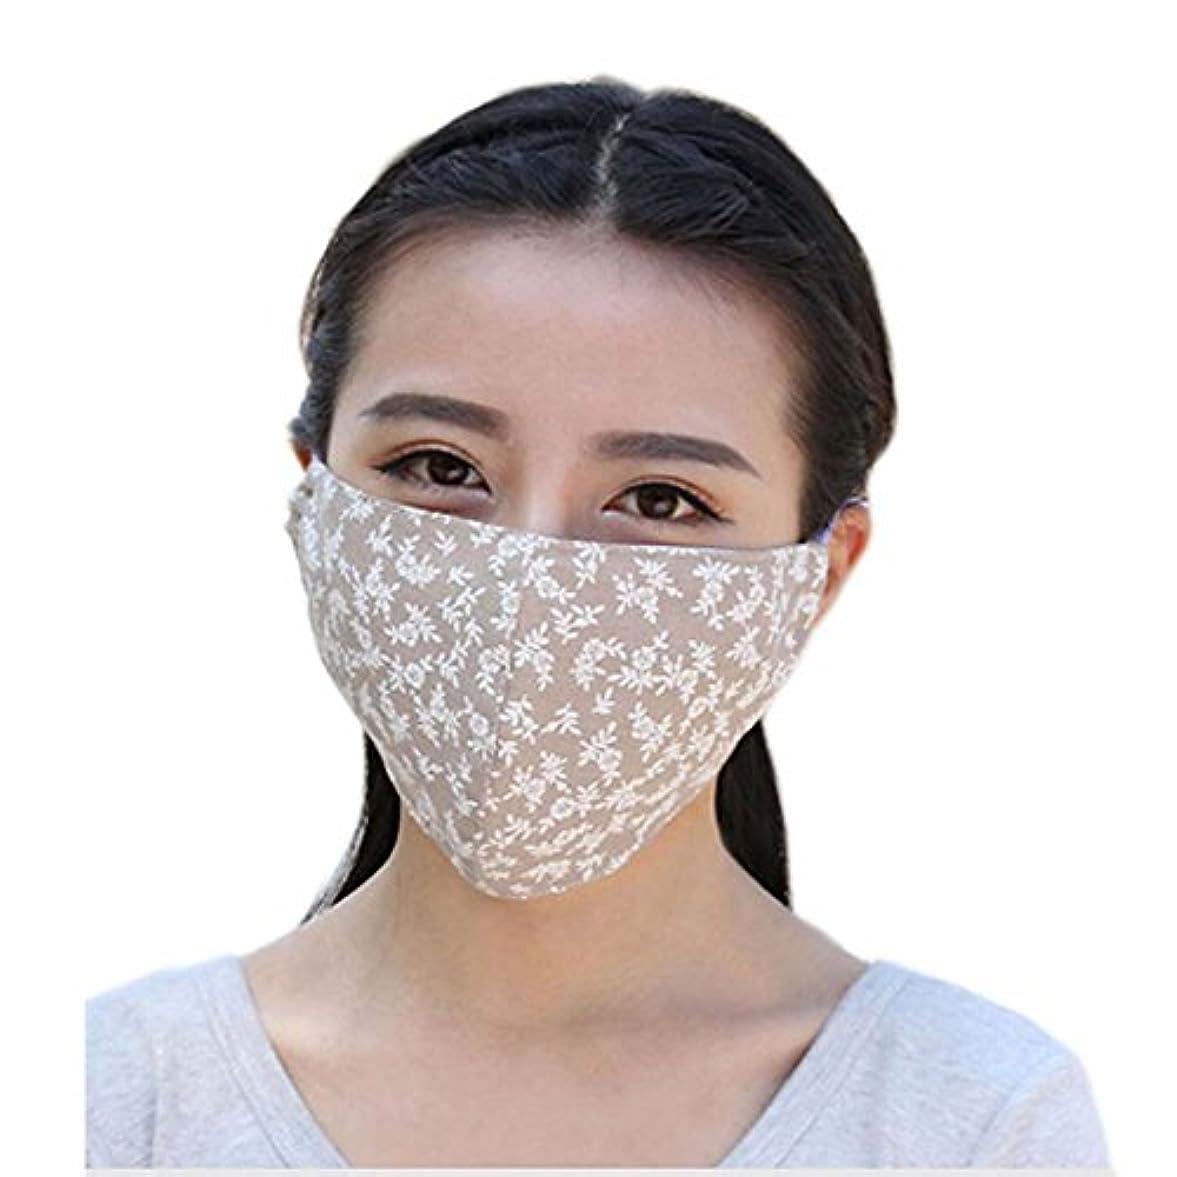 アラブサラボ記憶に残るニックネームファッション薄いコットンマスク、アプリコット